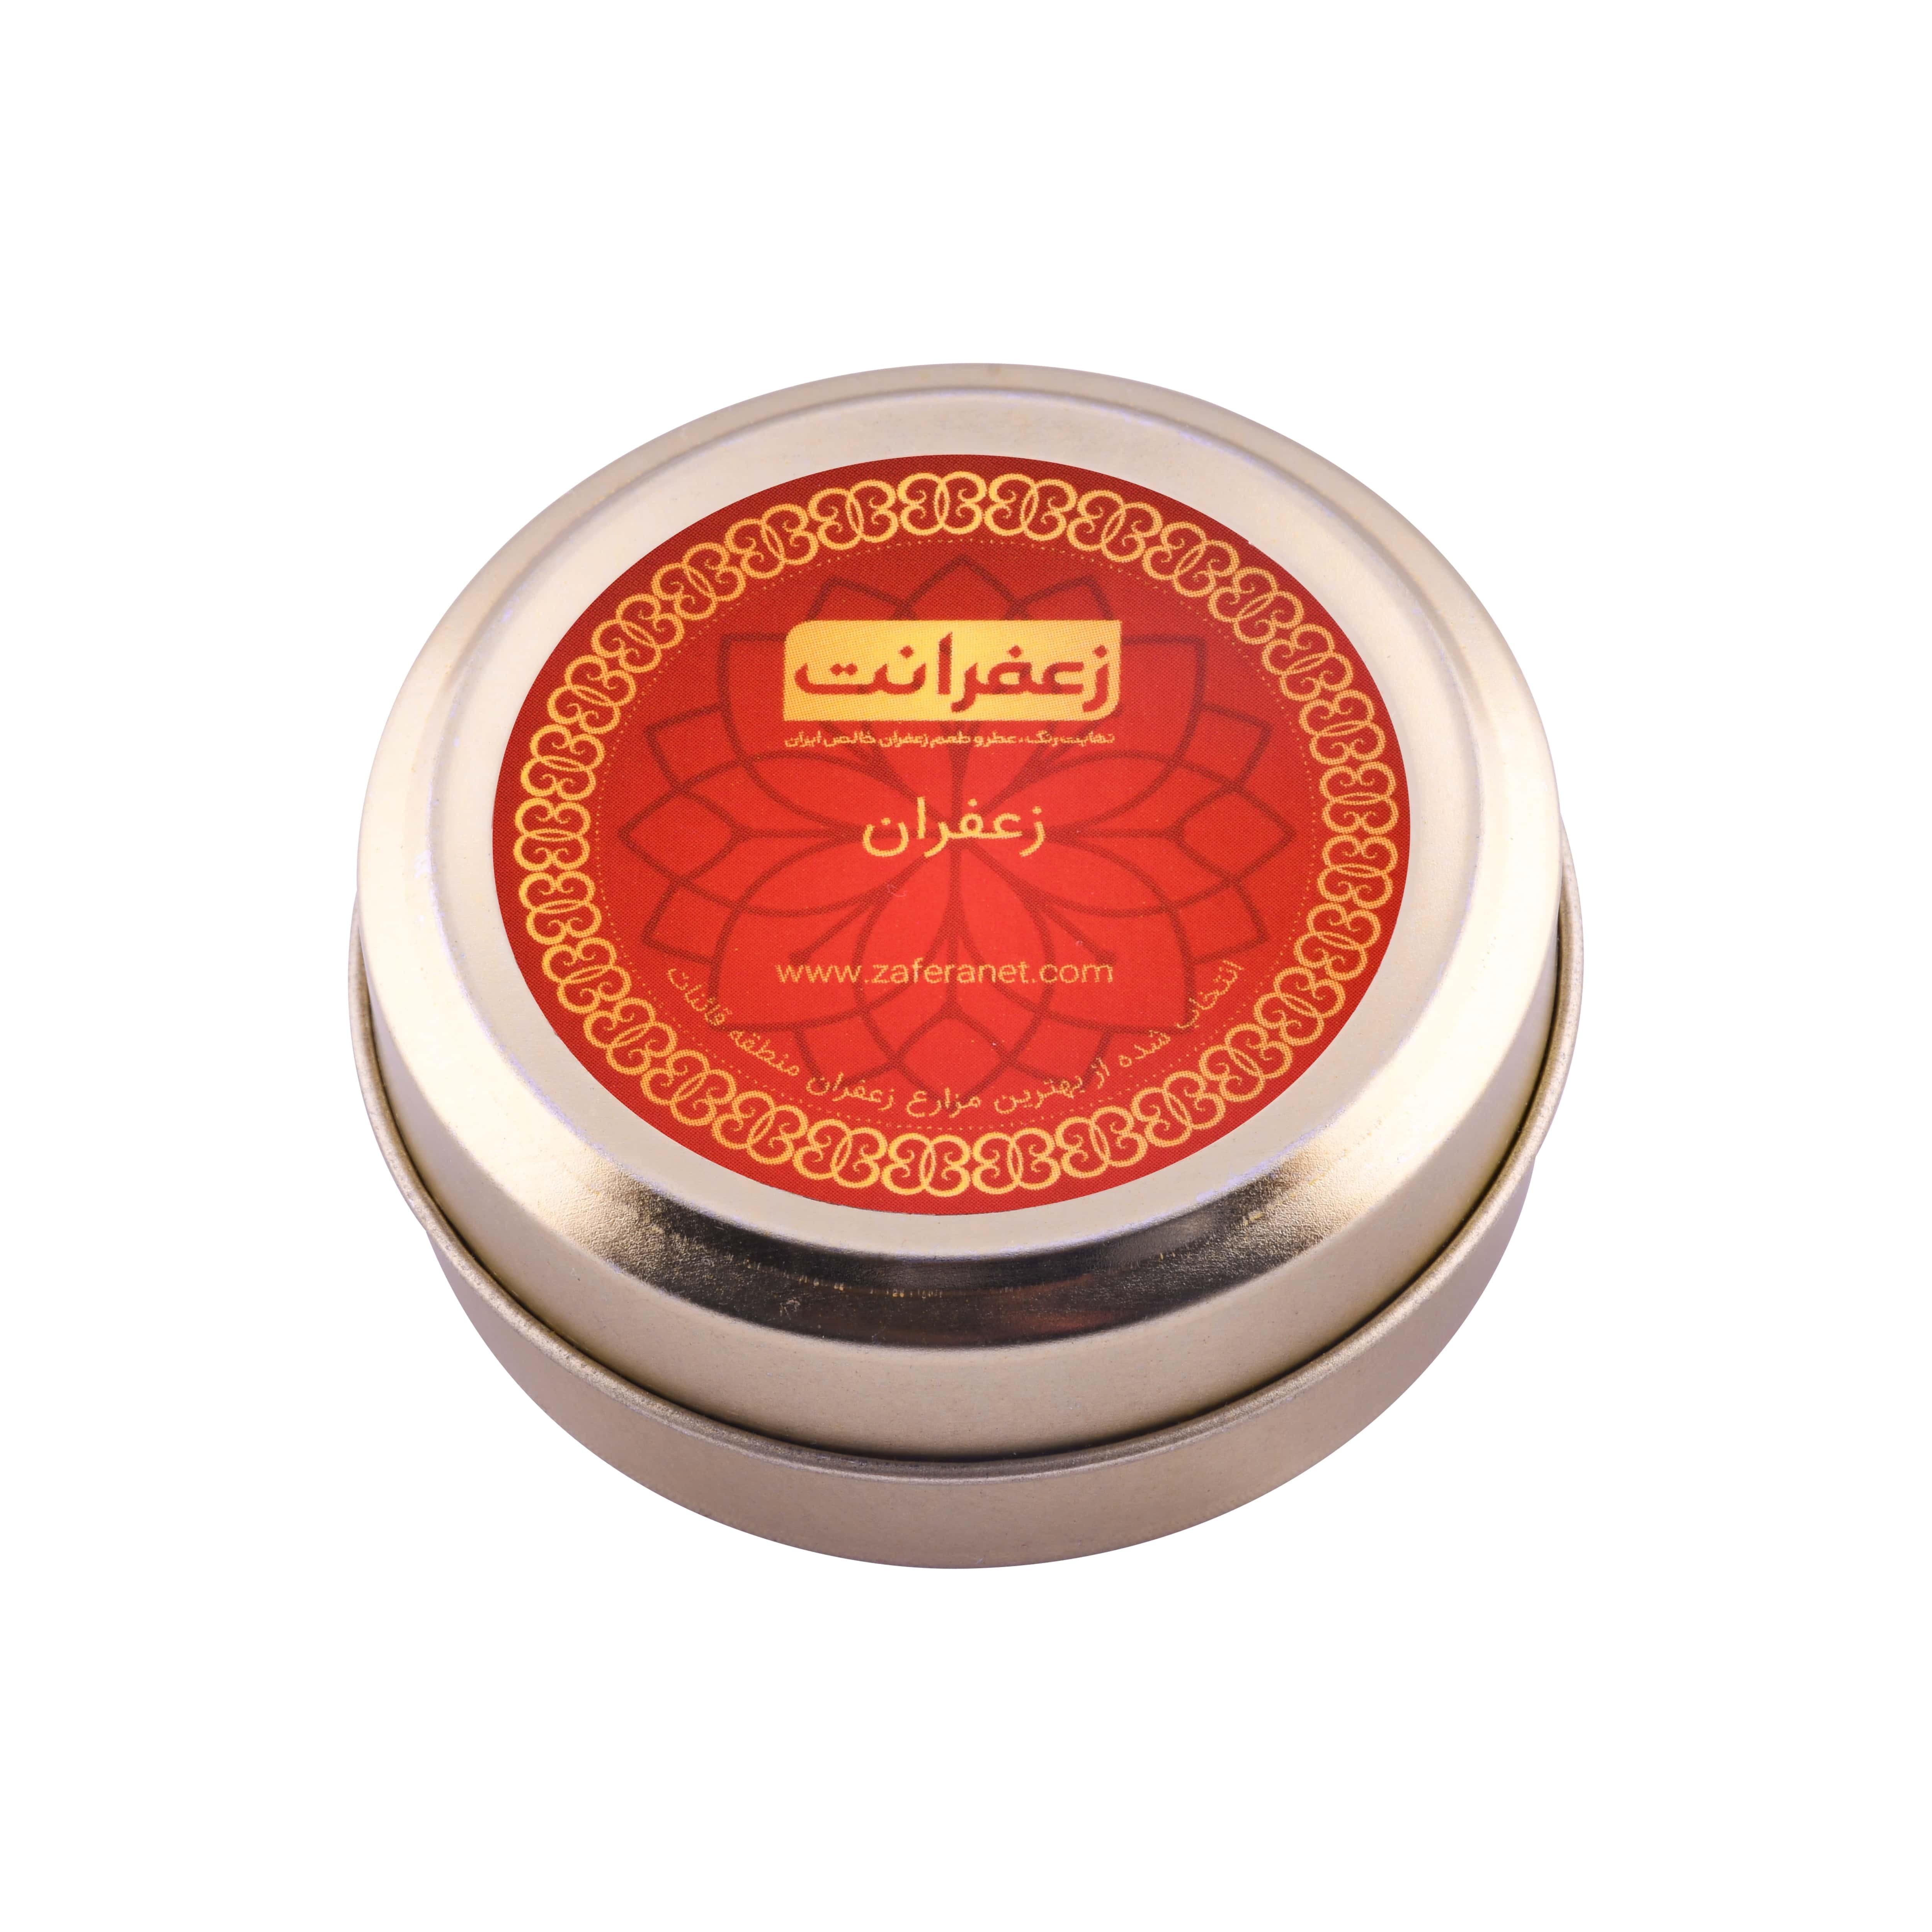 زعفران سرگل طرح قوطی طلایی وزن خالص 9.216 گرم